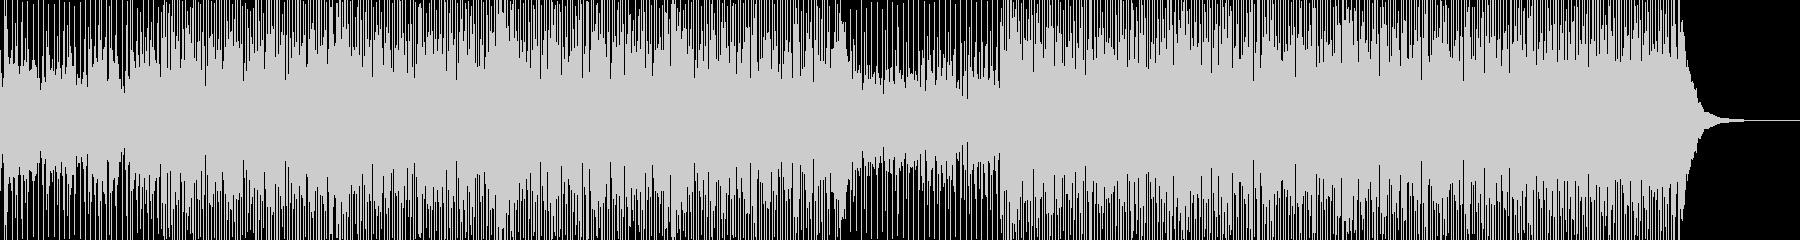 ガットギターメインのおしゃれなBGMの未再生の波形